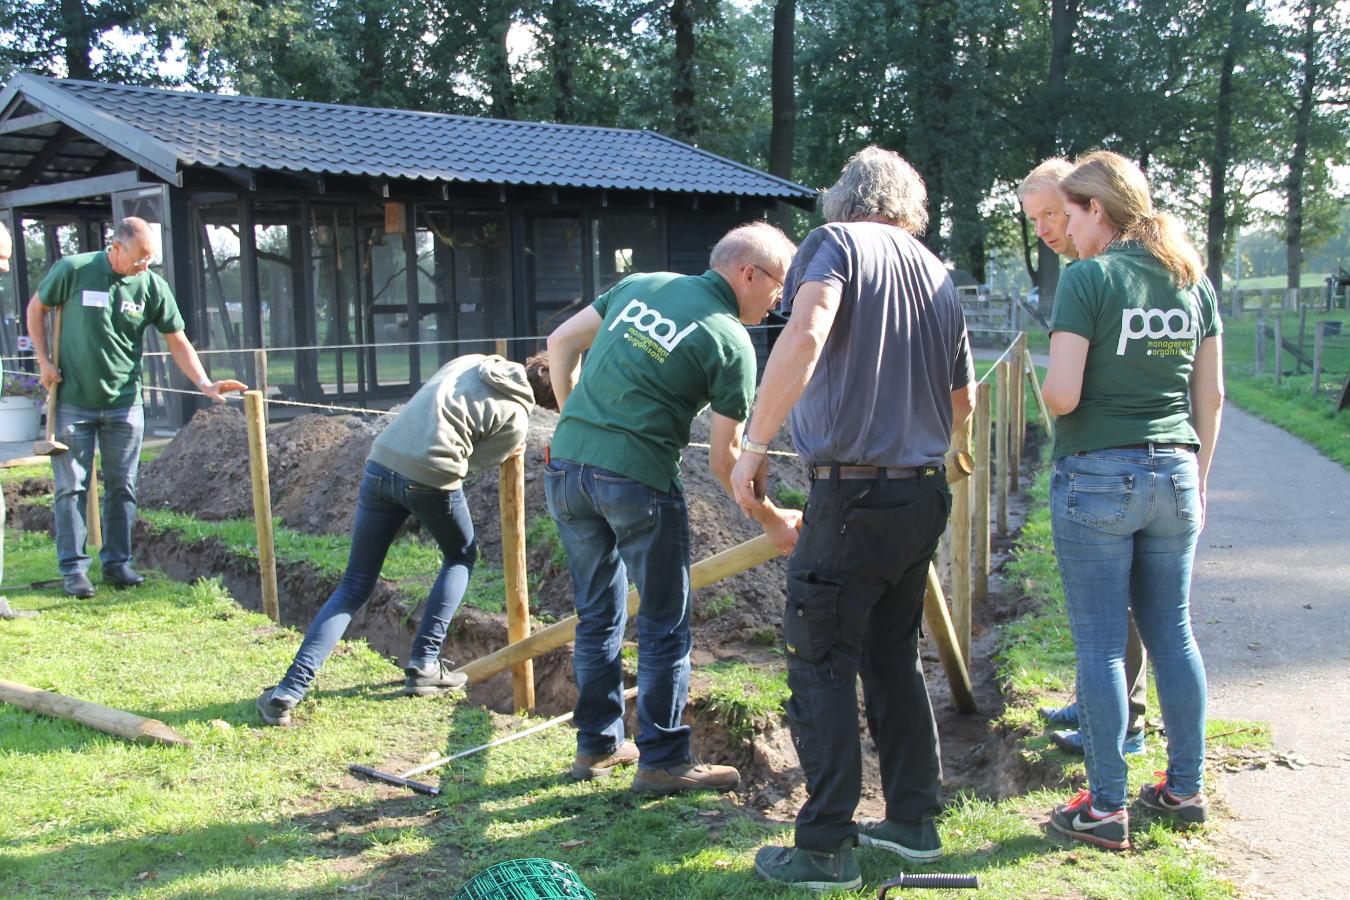 Samen hard aan het werk met de omheining van de konijnenheuvel op Landgoed de Zwiese